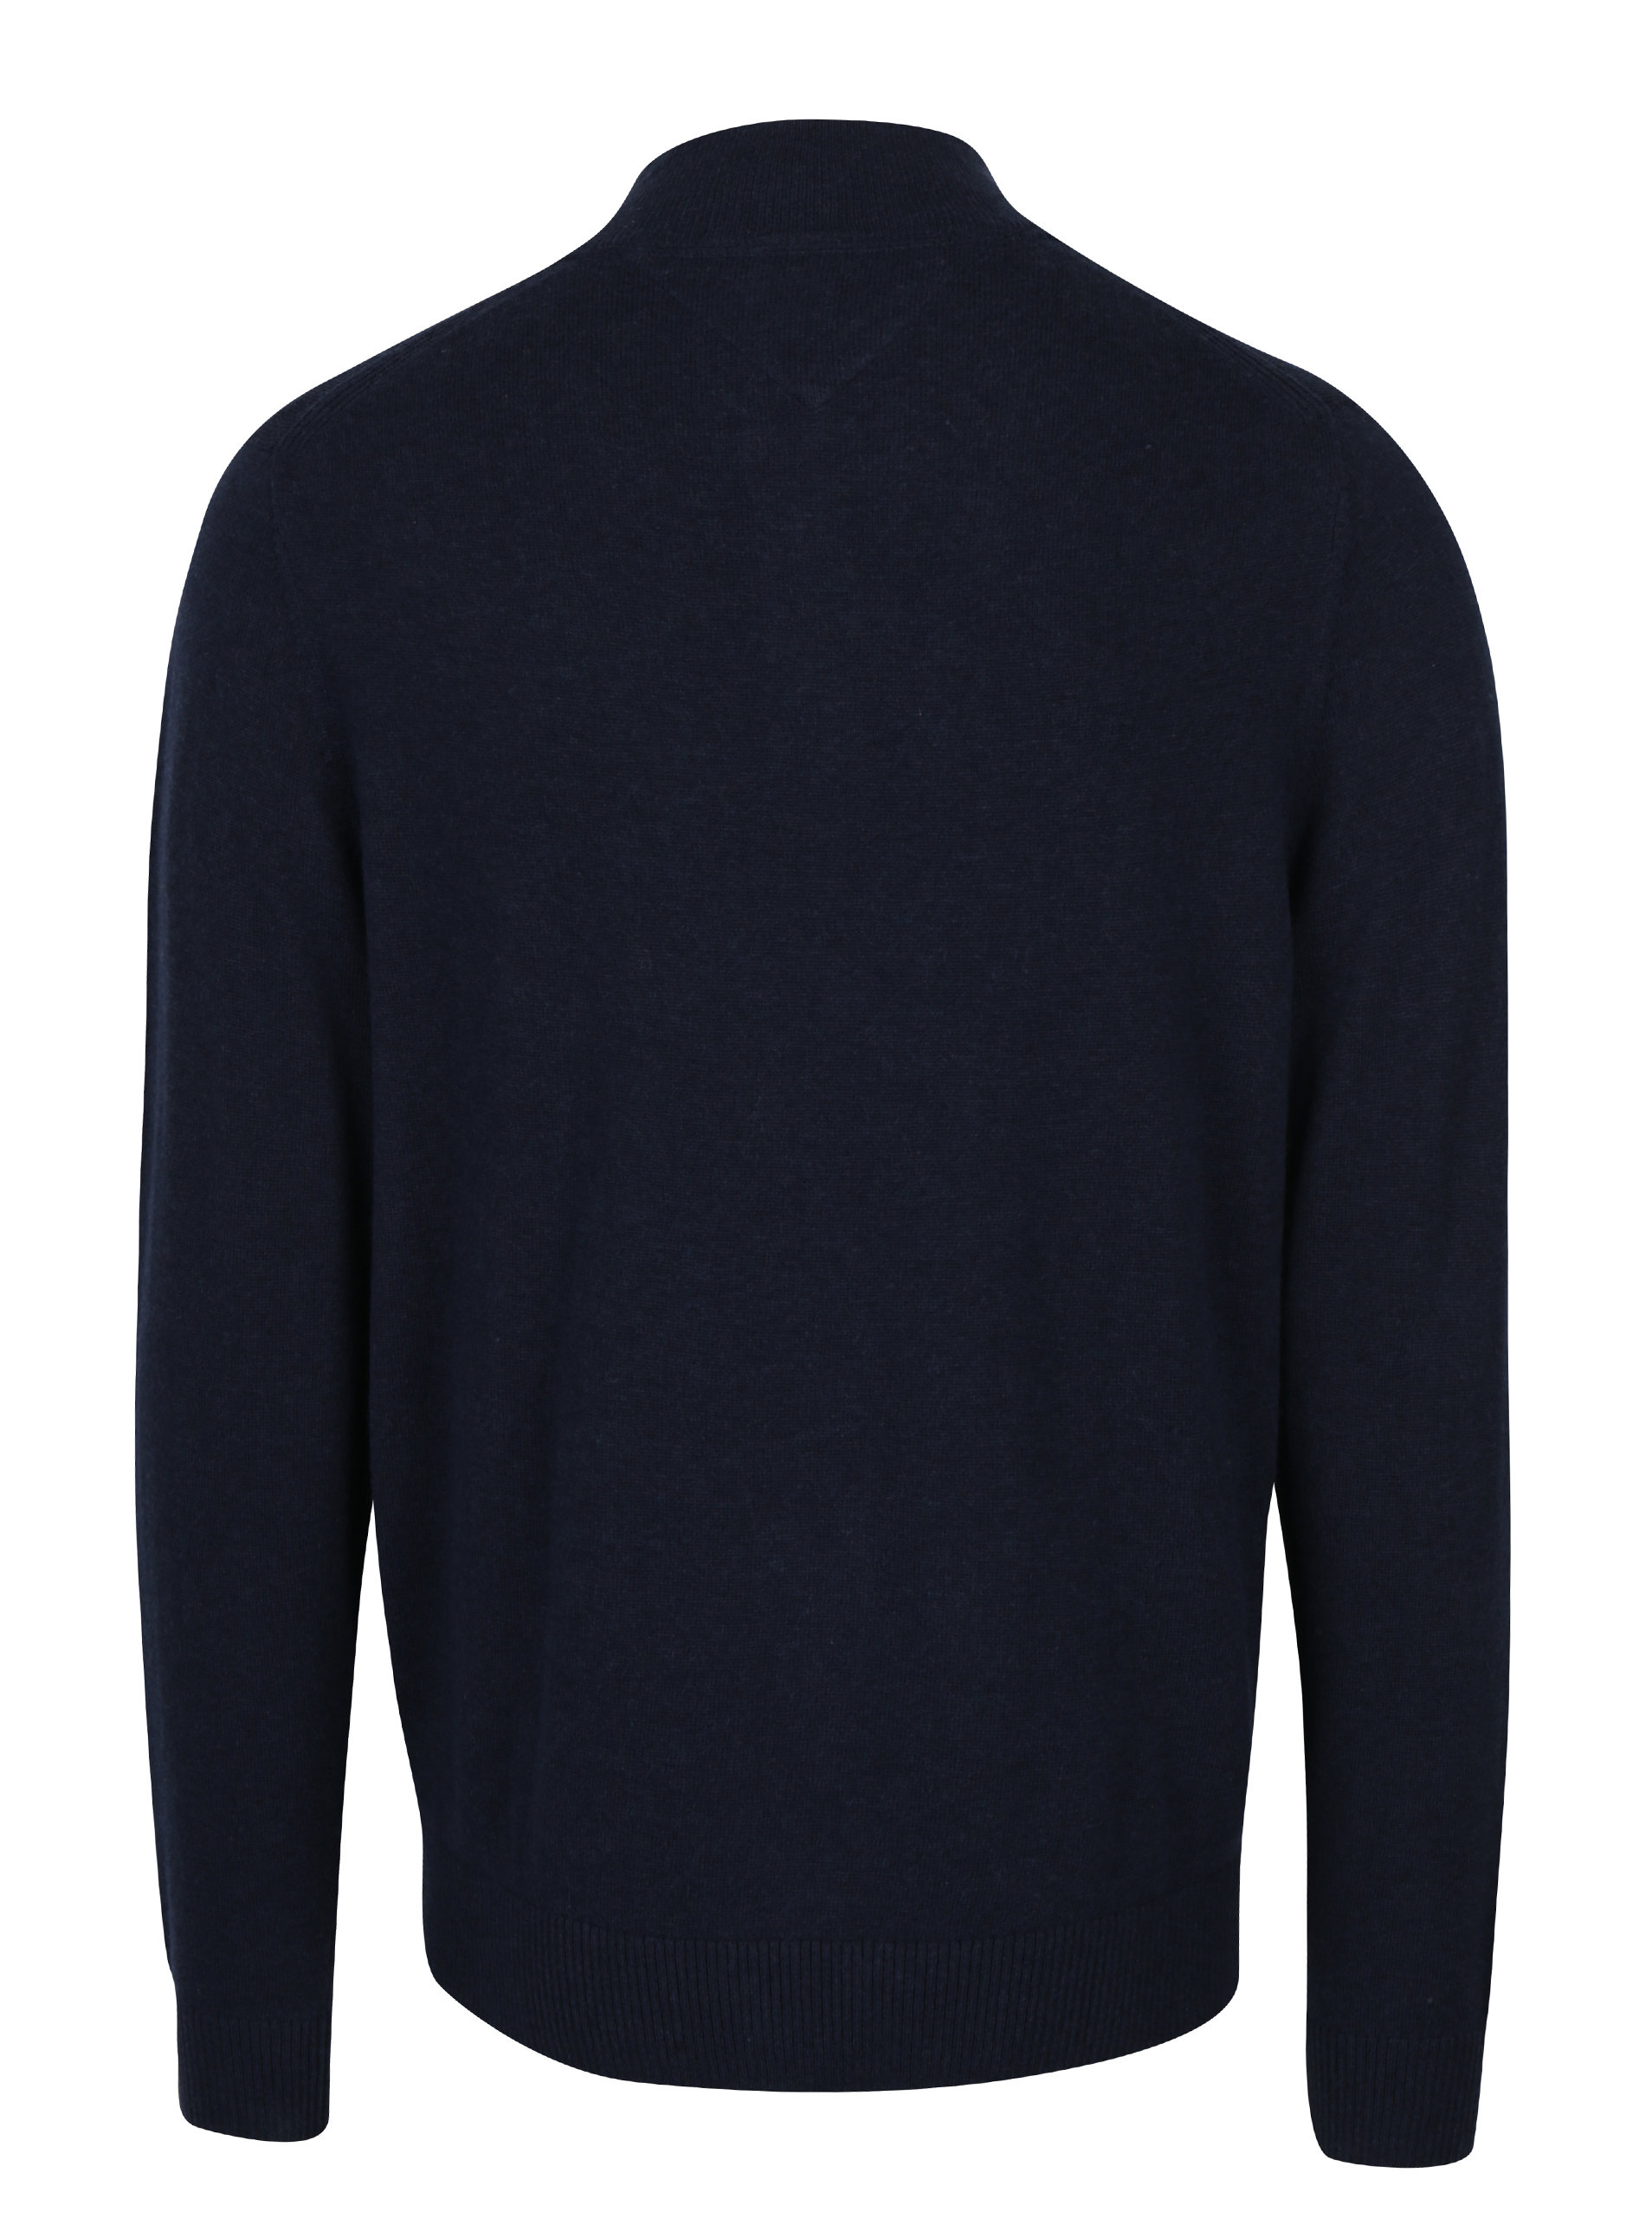 Tmavě modrý pánský svetr s příměsí kašmíru Tommy Hilfiger Pima ... edb9e00d48